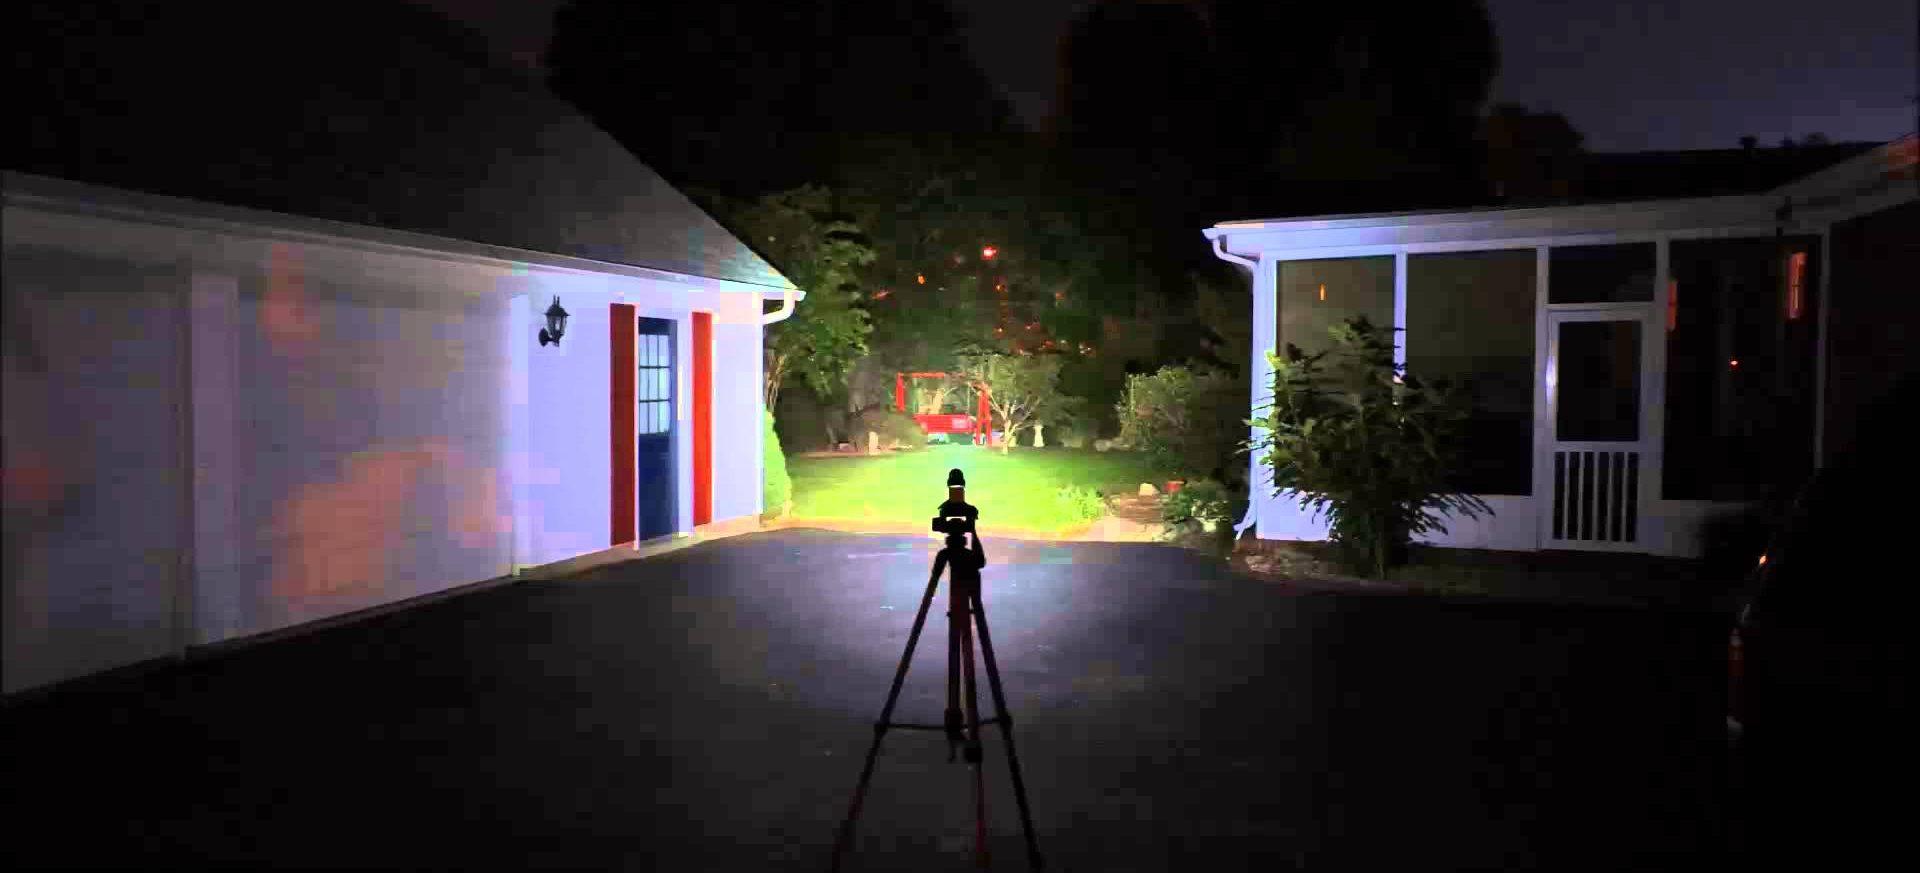 tactical flashlight at tacticalpeak.com